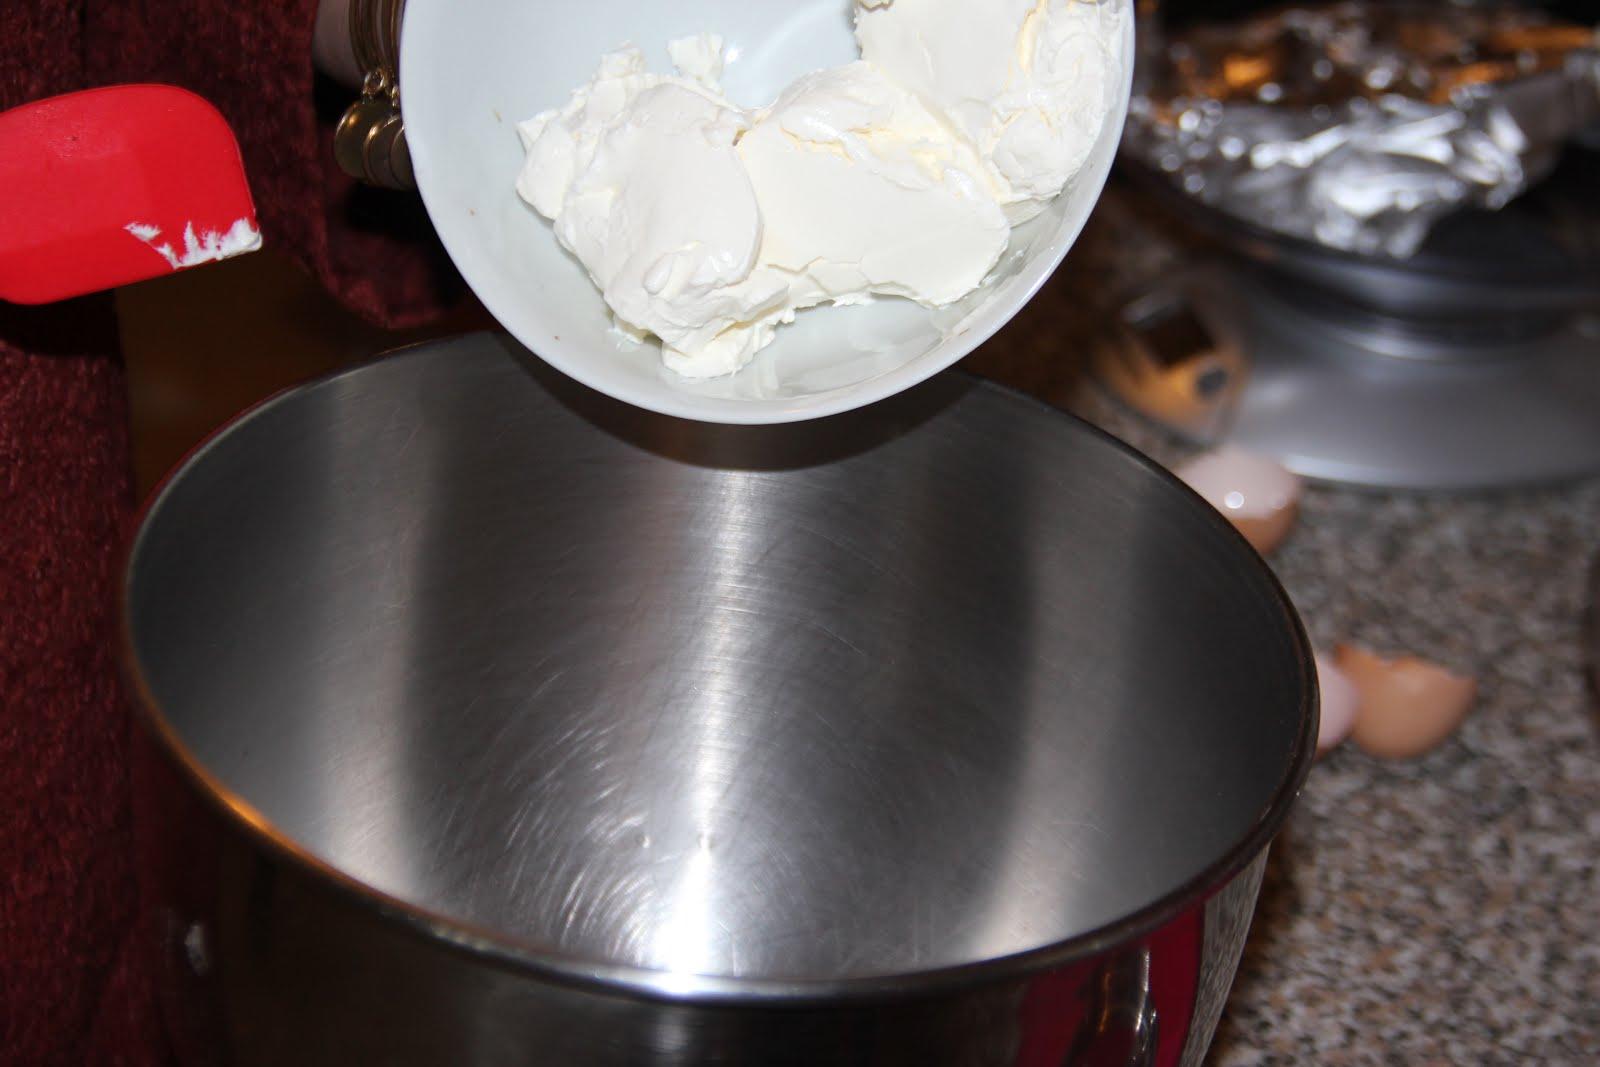 Japones Baños Del Carmen:Añadimos el chocolate blanco que previamente habremos fundido